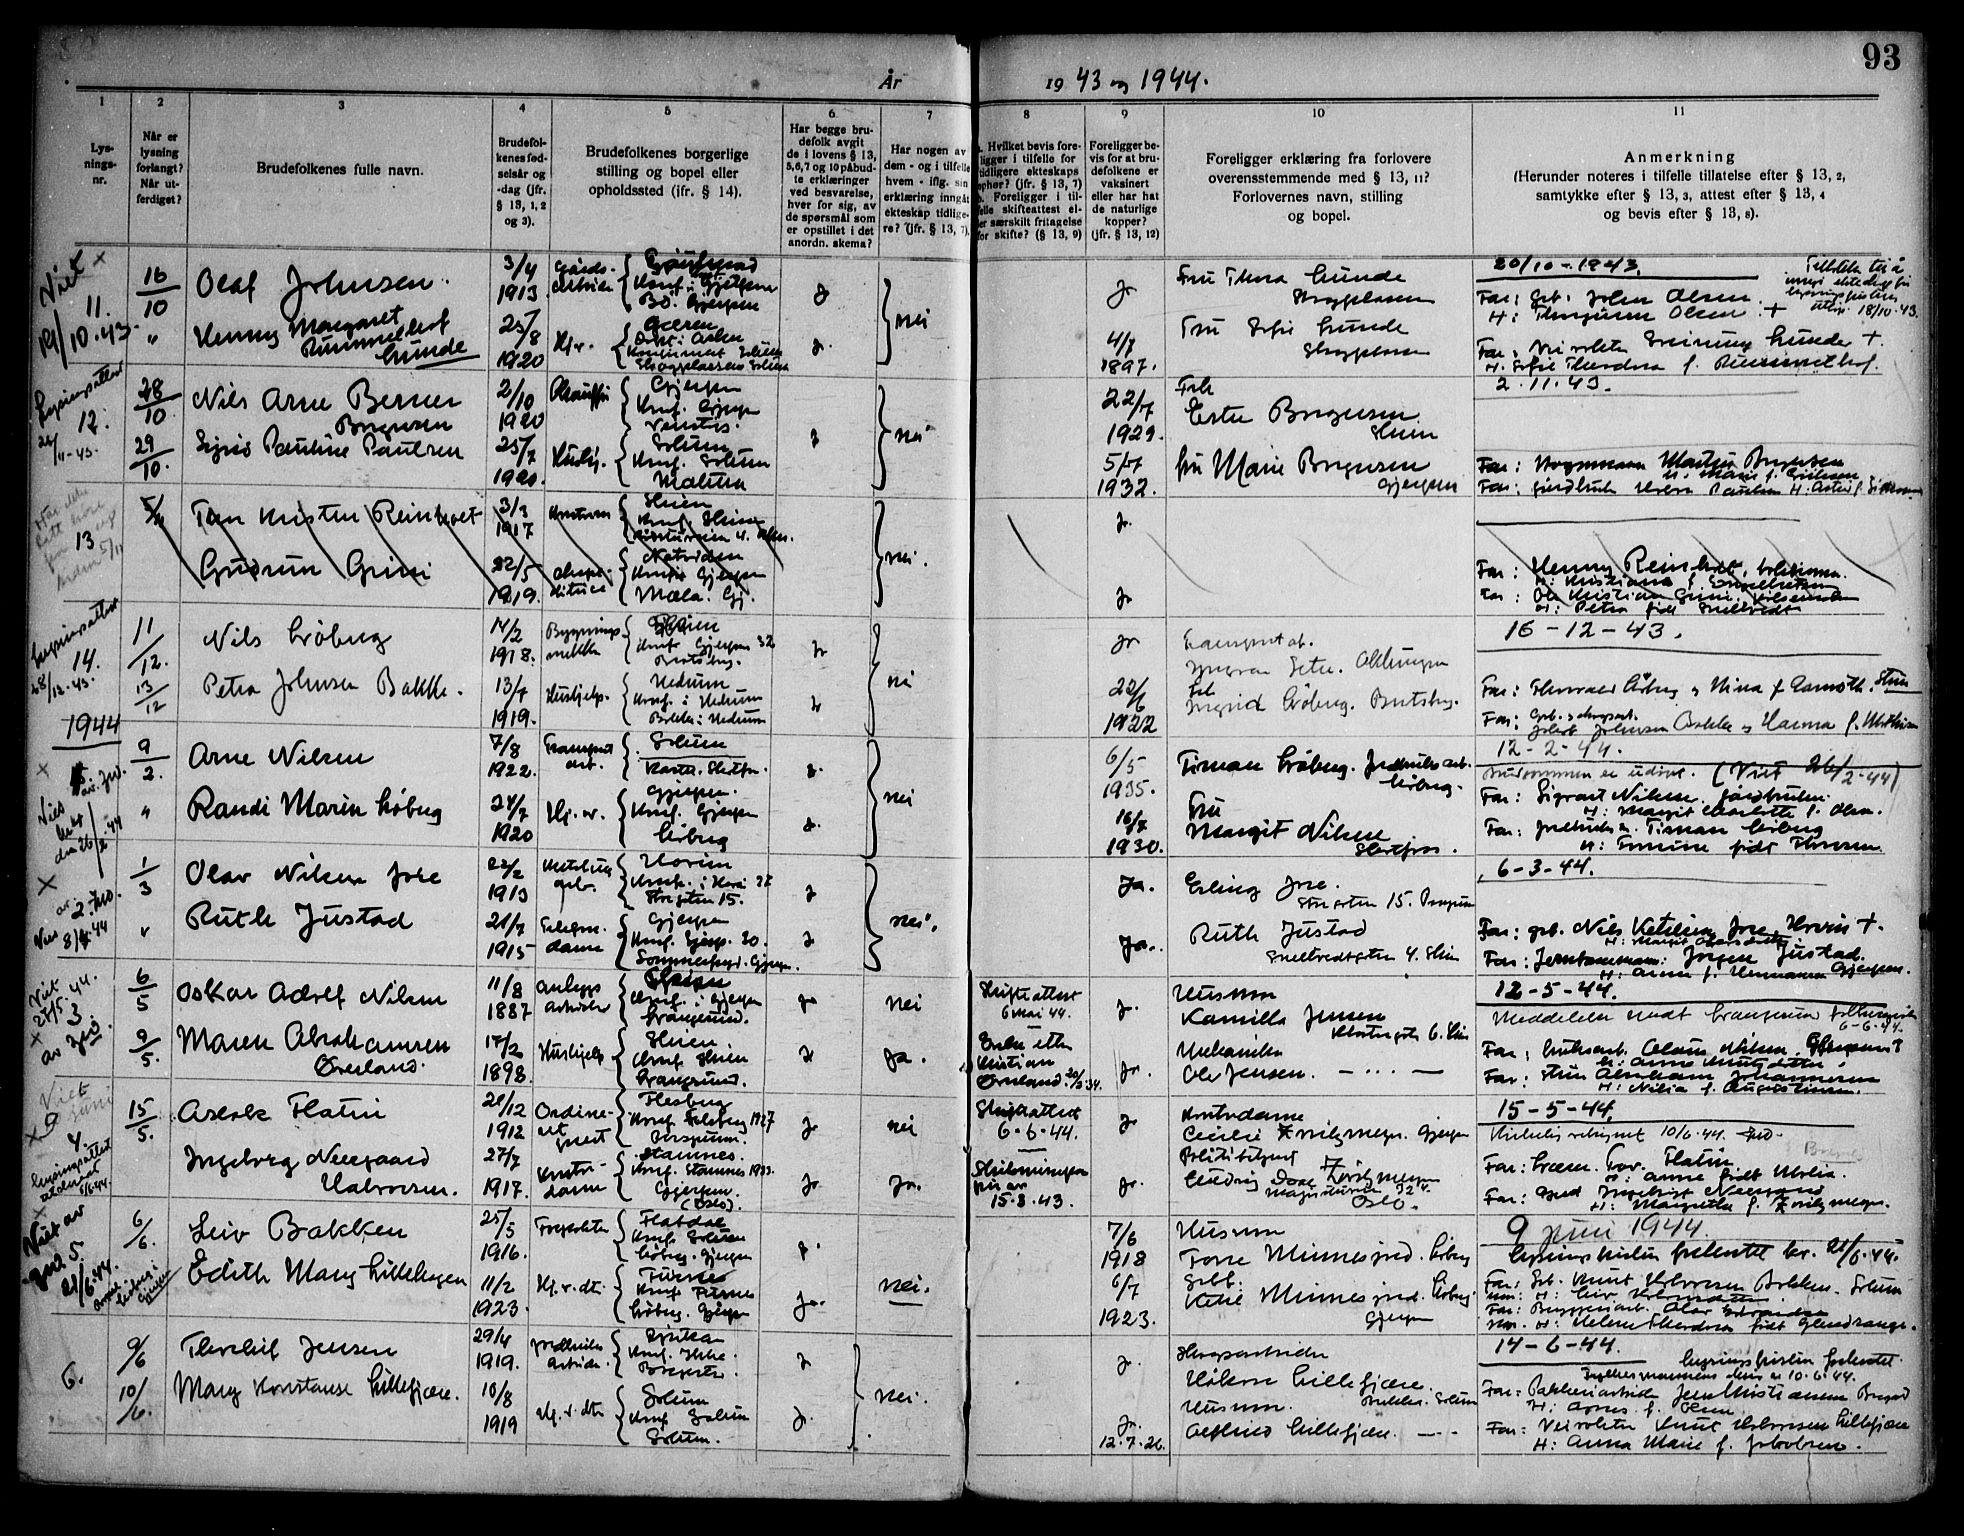 SAKO, Gjerpen kirkebøker, H/Ha/L0003: Lysningsprotokoll nr. I 3, 1919-1946, s. 93